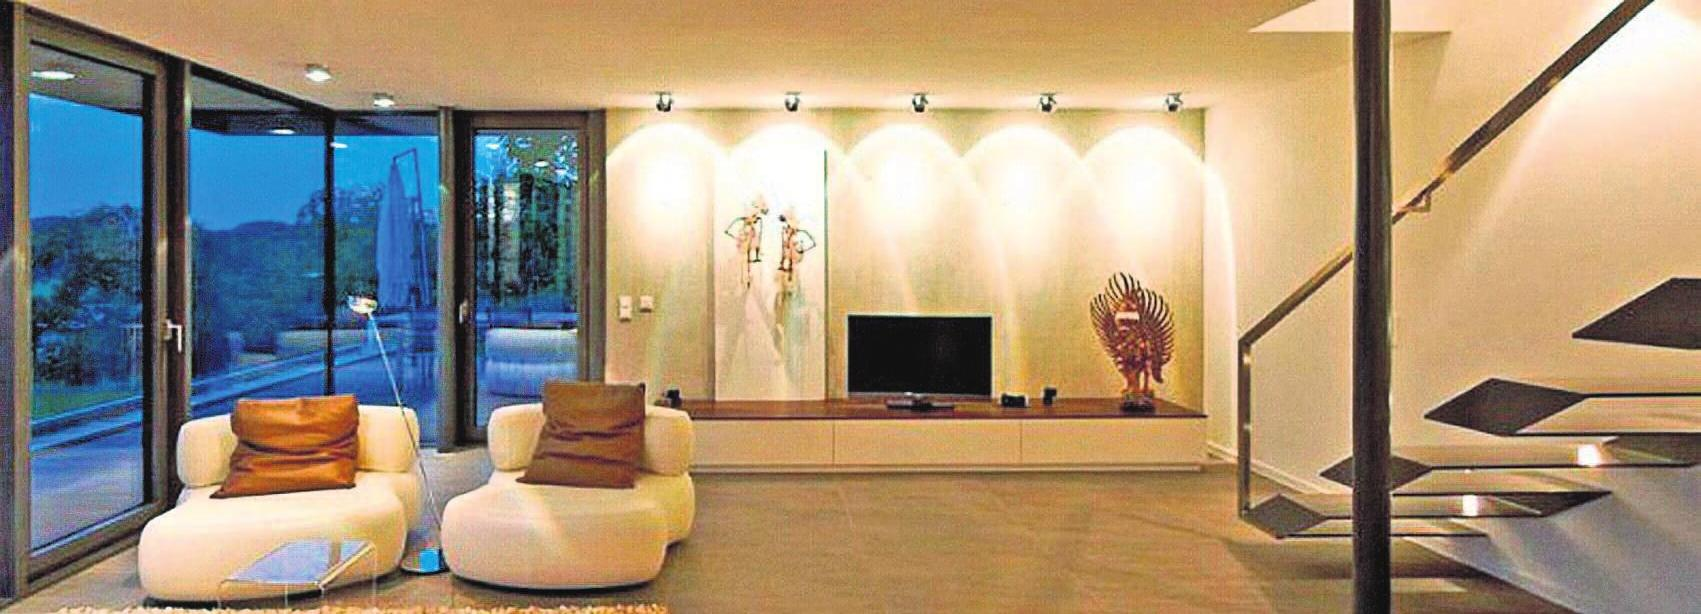 Ein gutes Lichtkonzept kann besondere Stimmungen erzeugen und erhöht die Behaglichkeit. Foto: djd/bilux